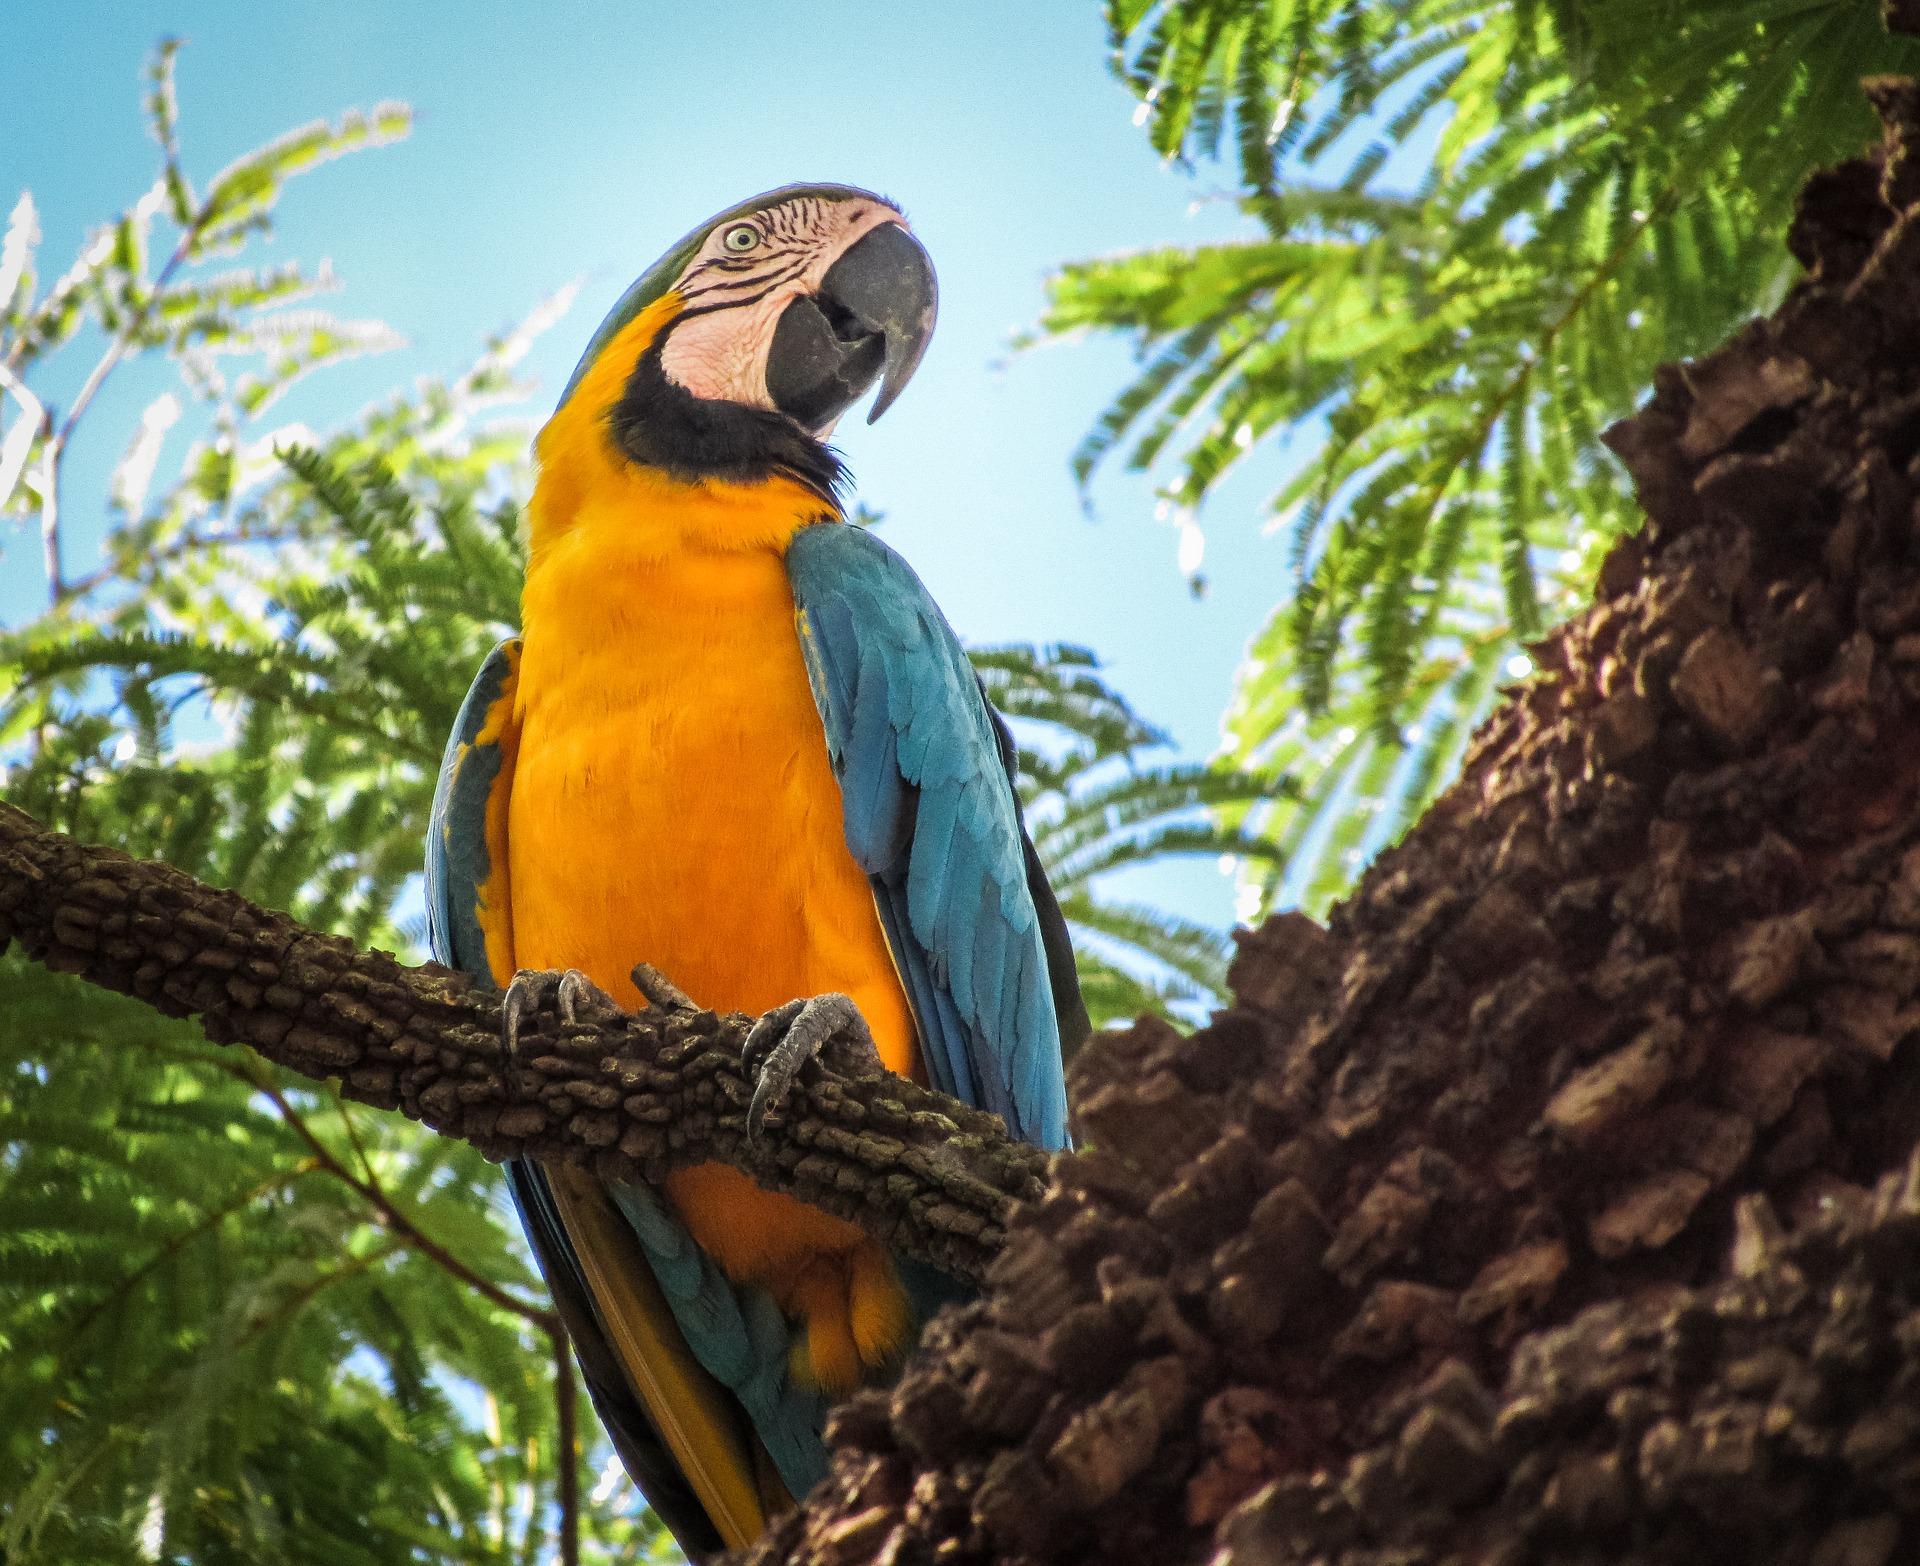 Características del guacamayo azul y amarillo